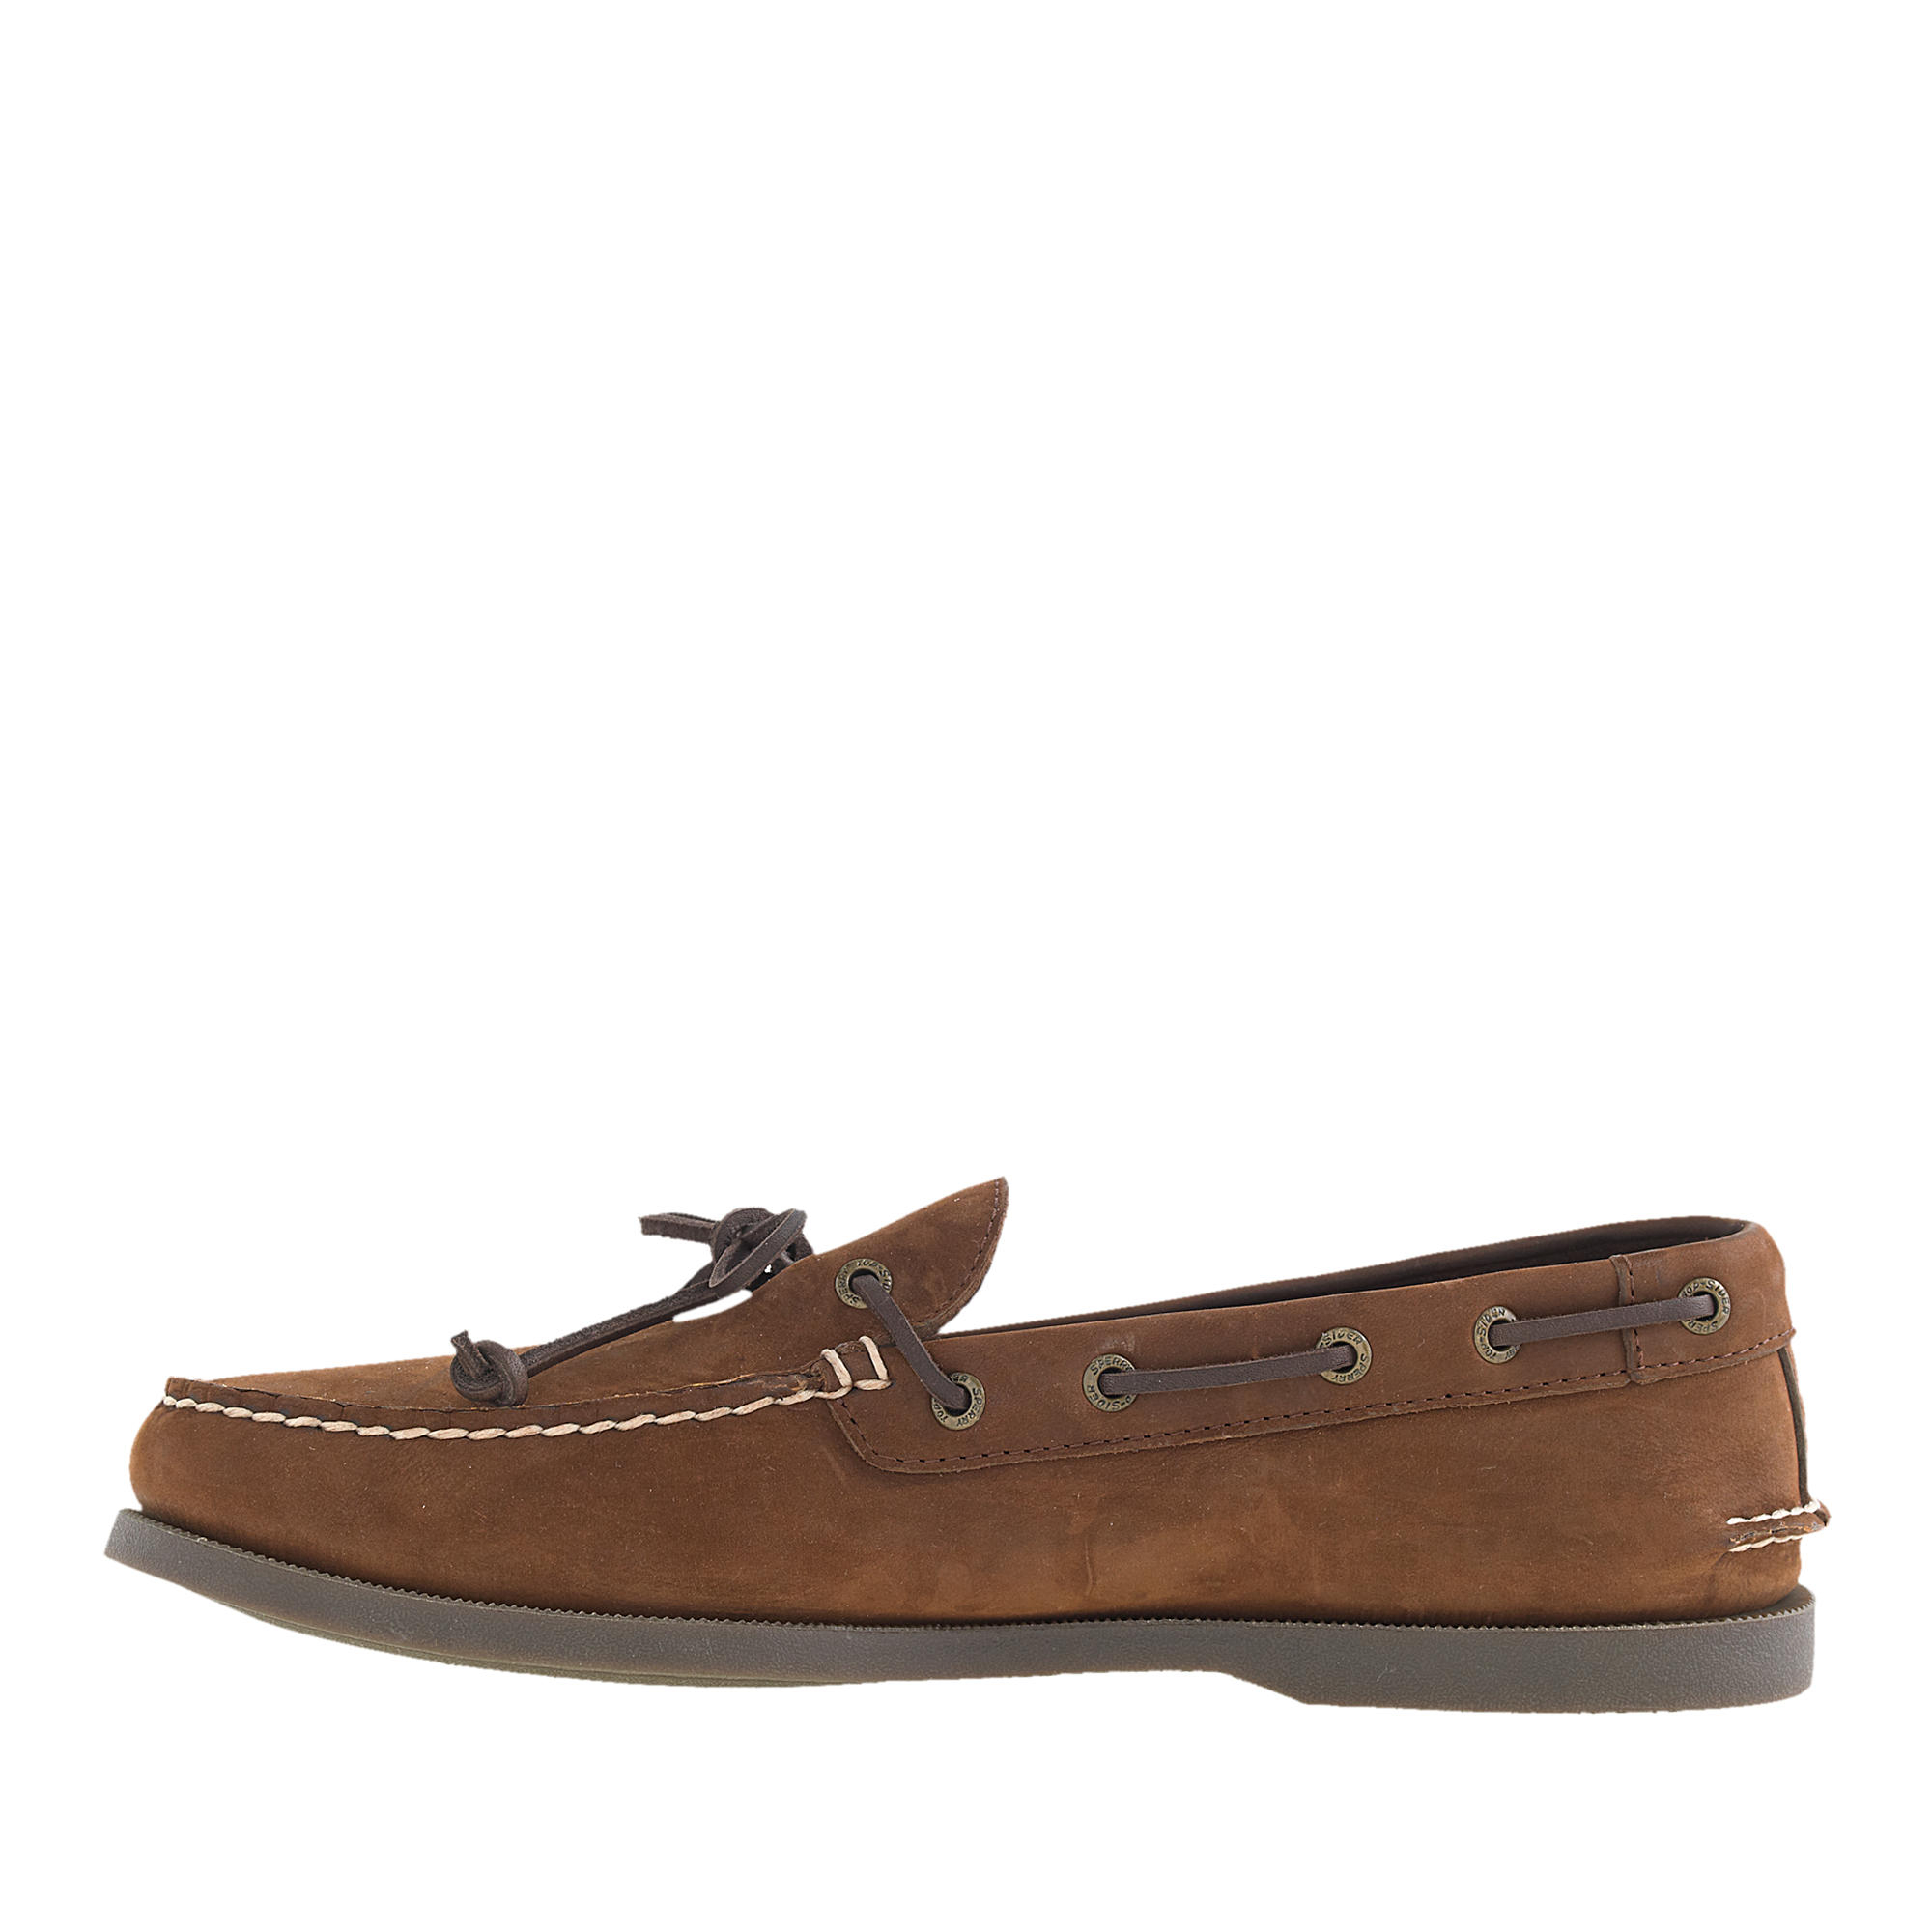 J Crew Men S Shoe Sperry